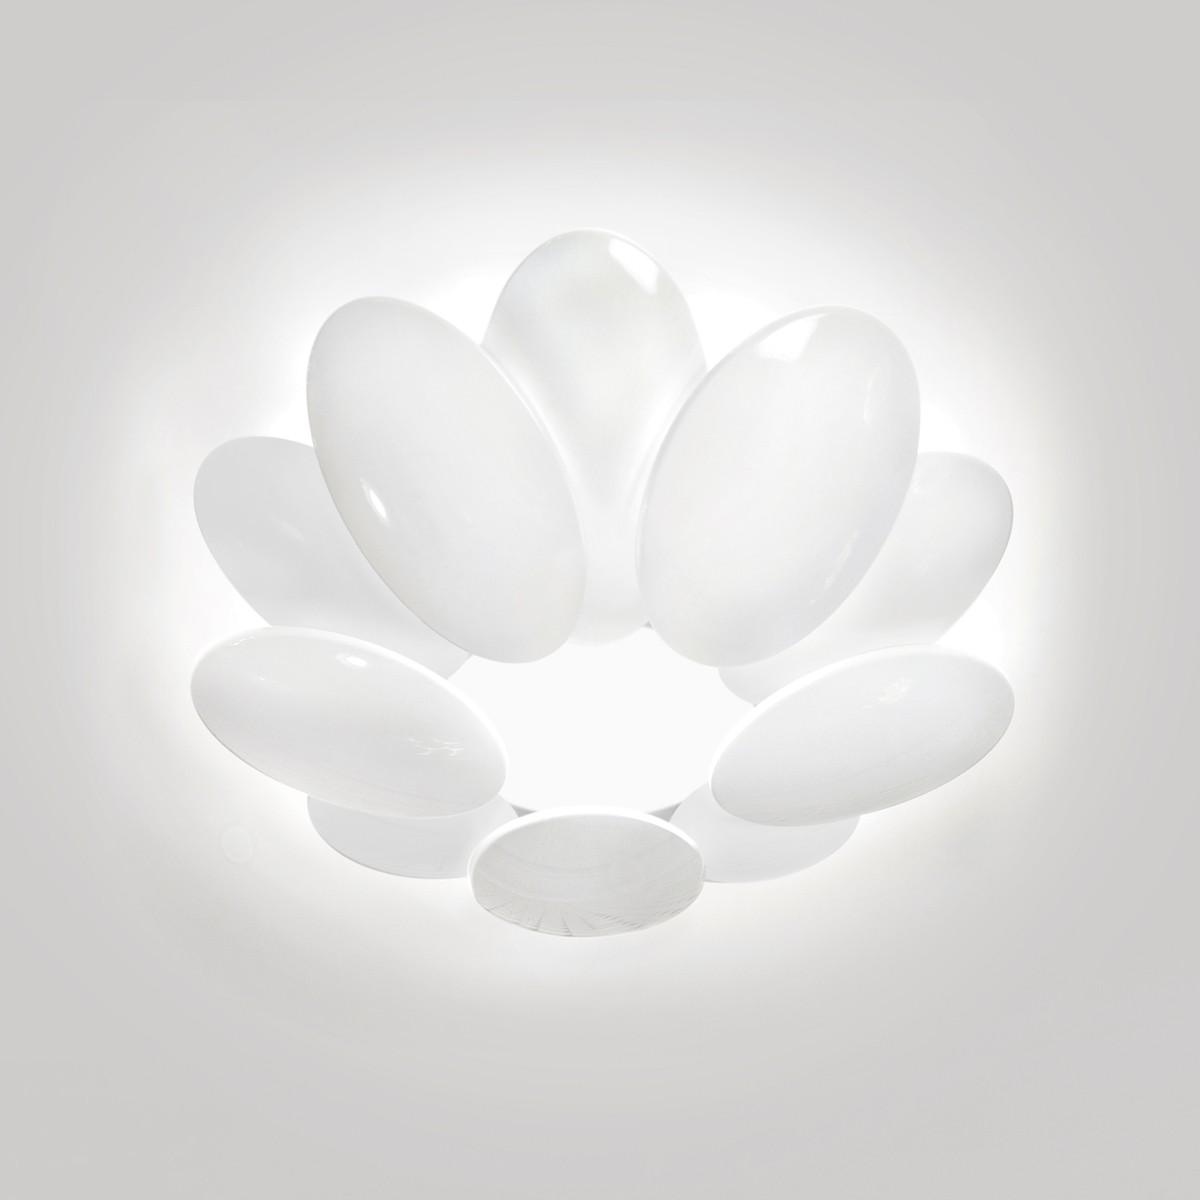 Milan Obolo Deckenleuchte, Ø: 35,4 cm, weiß lackiert